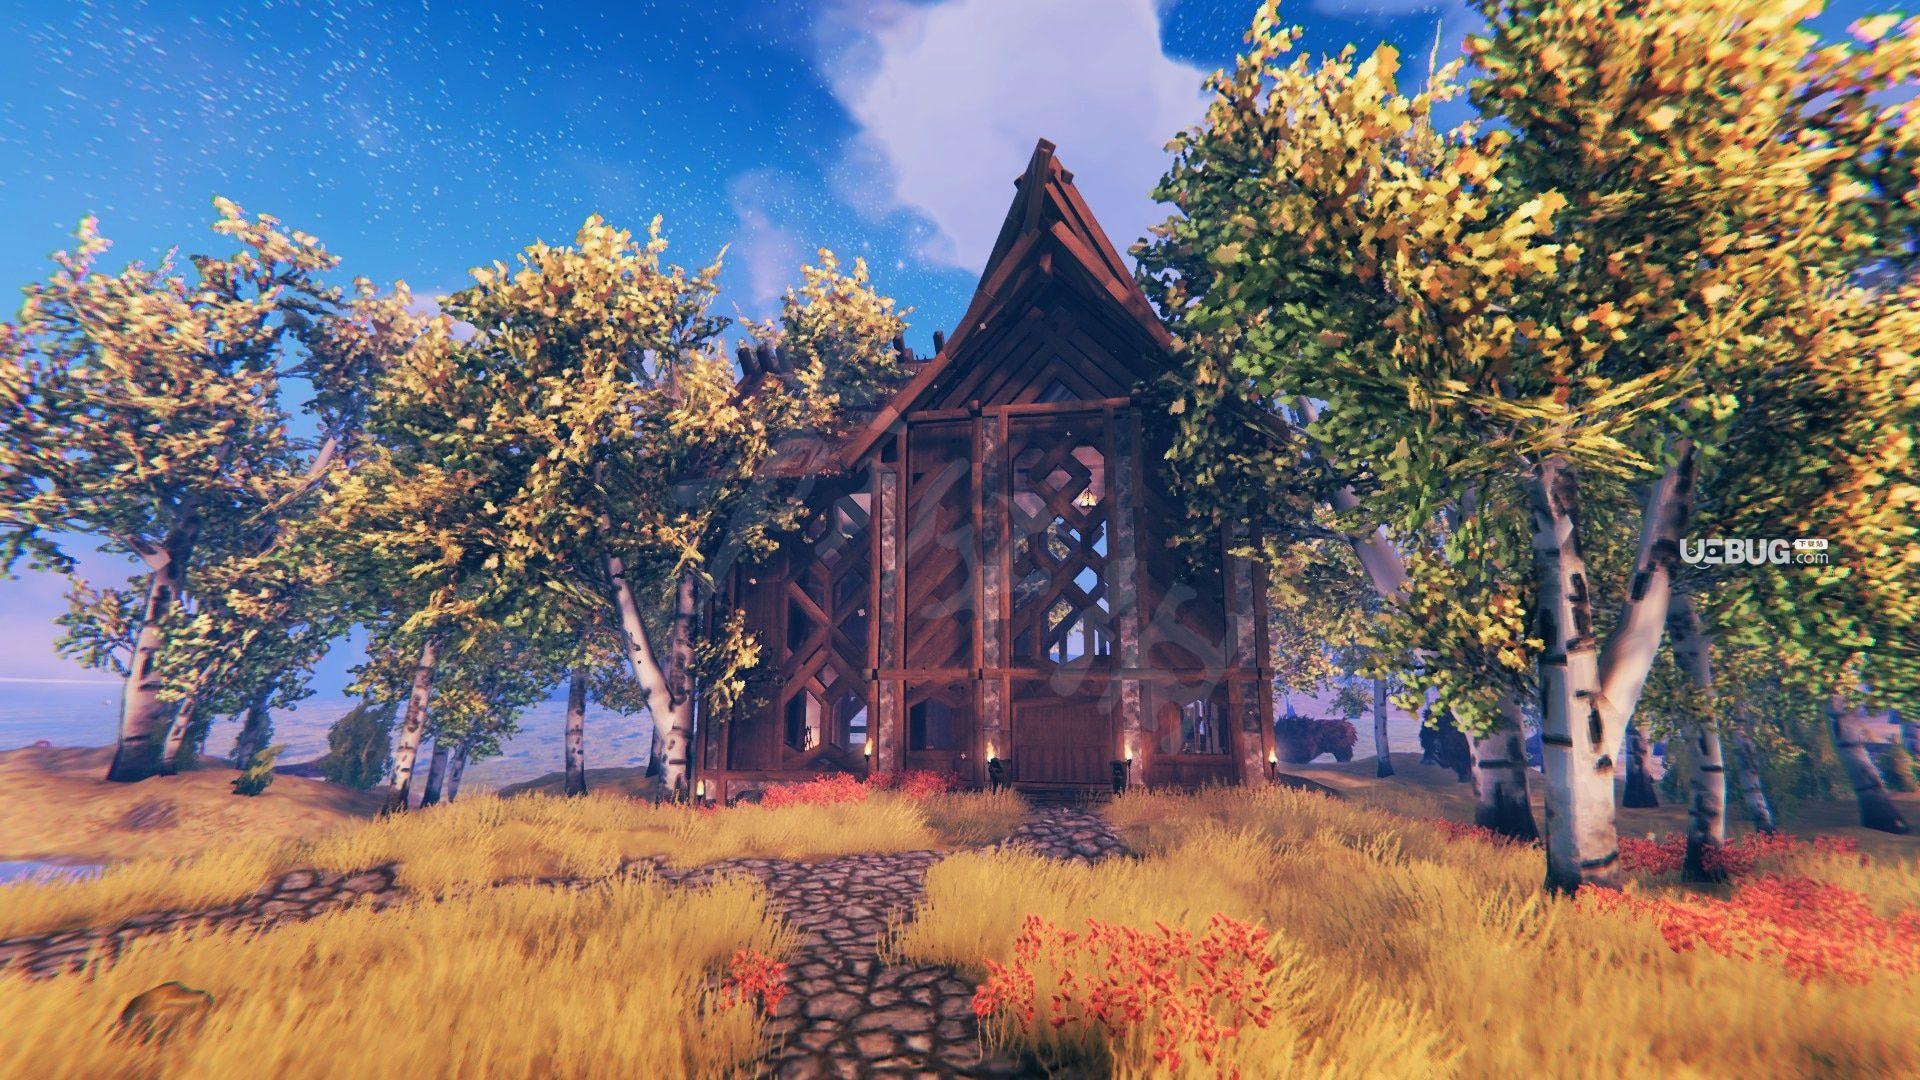 《Valheim英灵神殿》游戏中丑地精村庄怎么探索